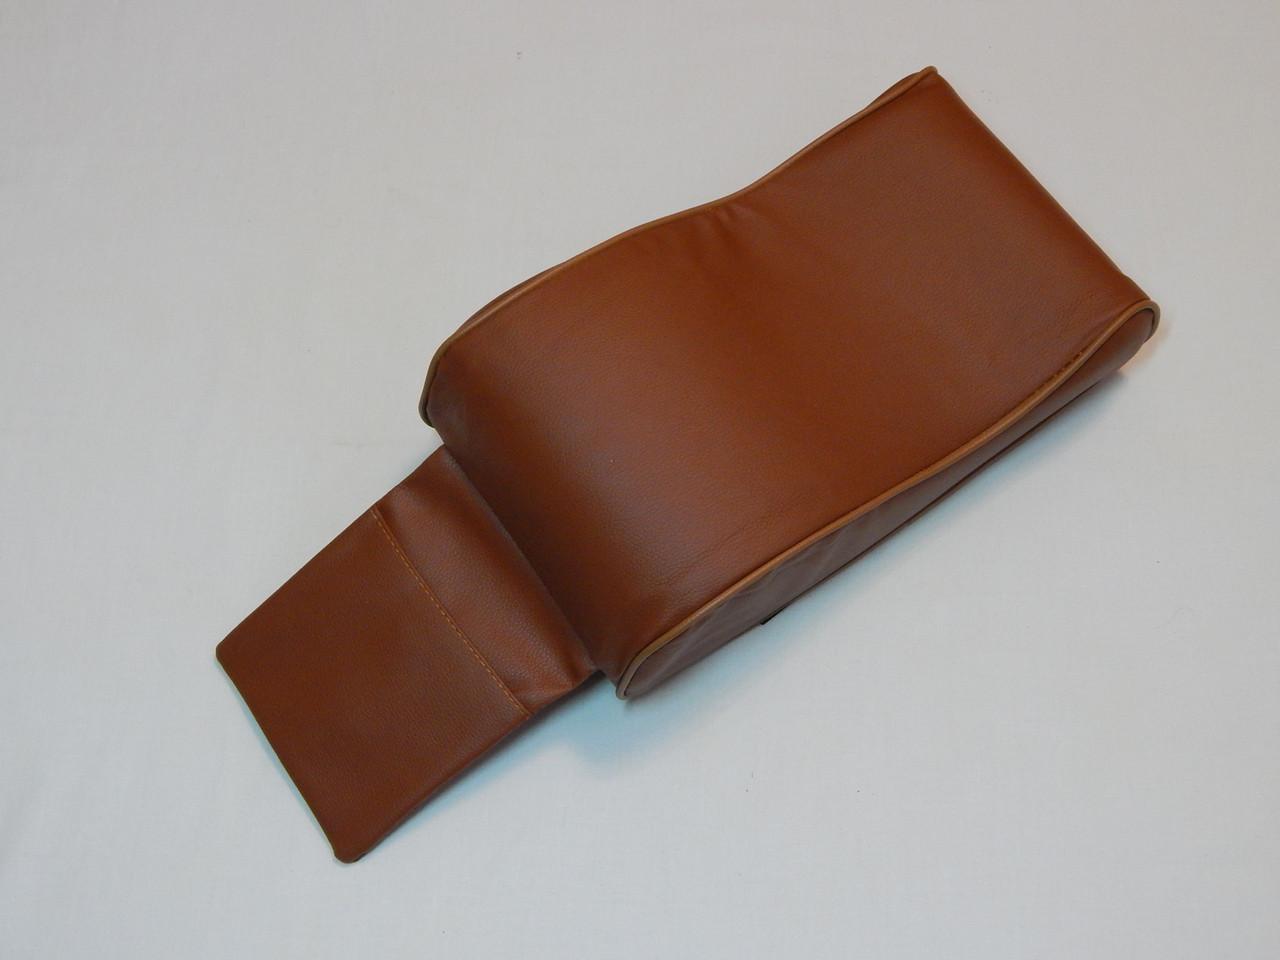 Підлокітник для салону автомобіля ZIRY штучна шкіра, коричневий